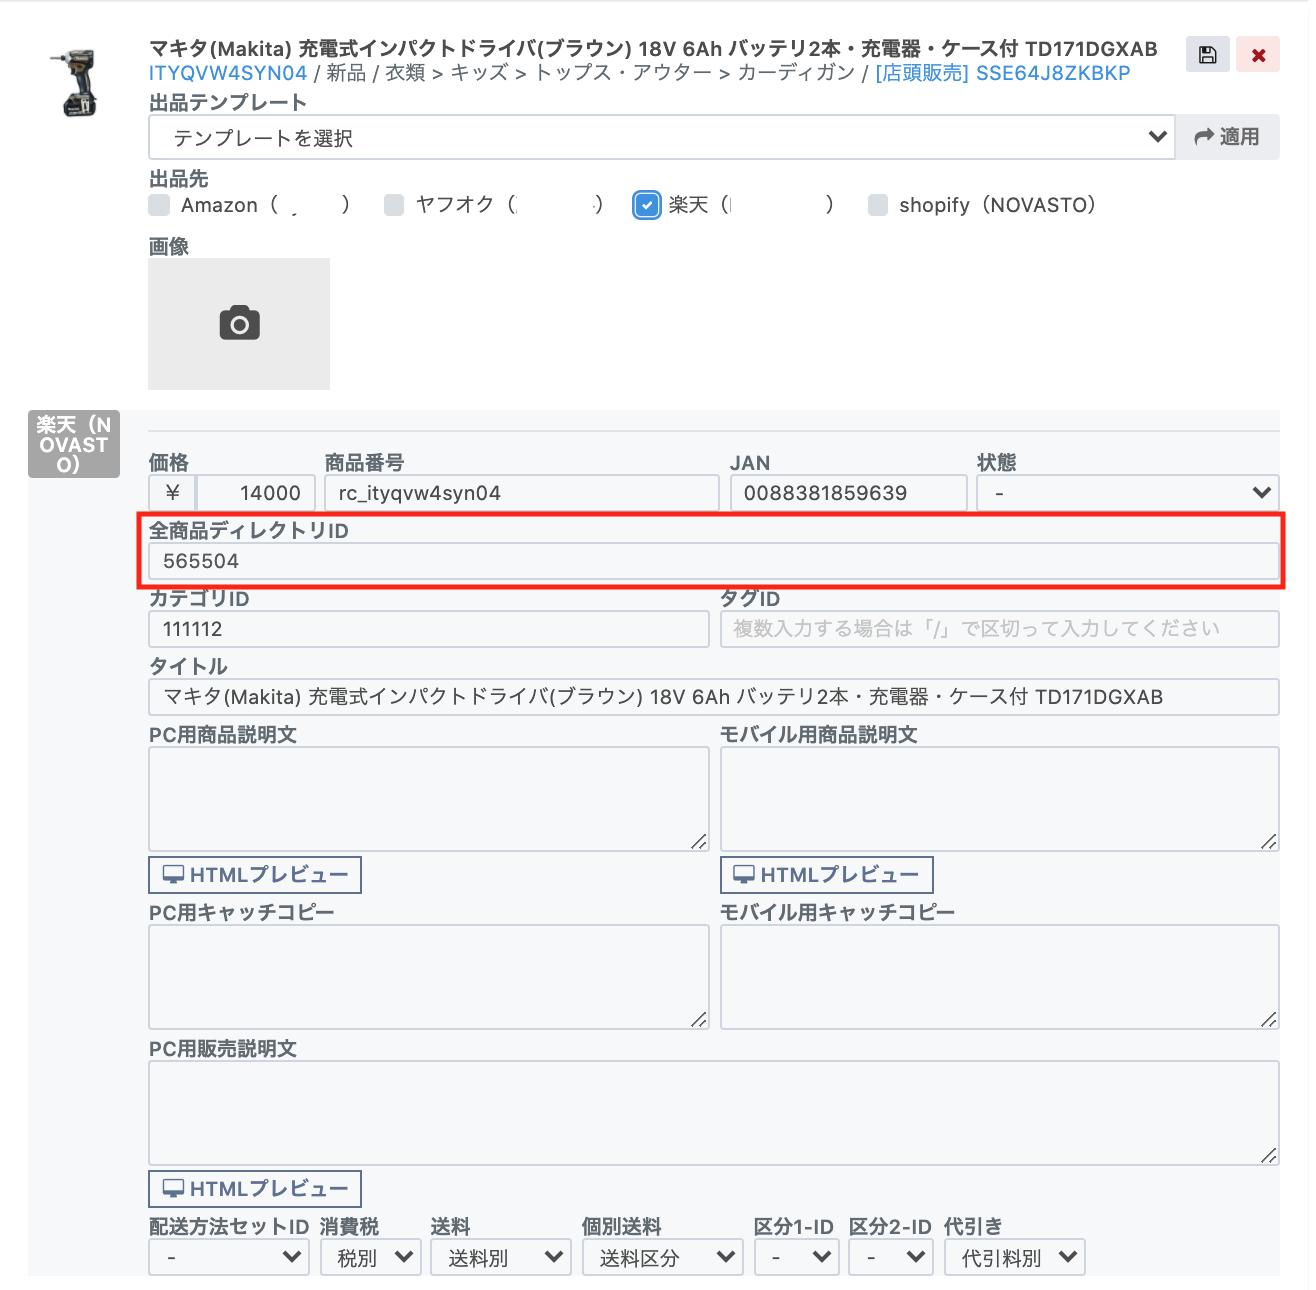 楽天EC出品画面_全商品ディレクトリID.png (219.1 kB)